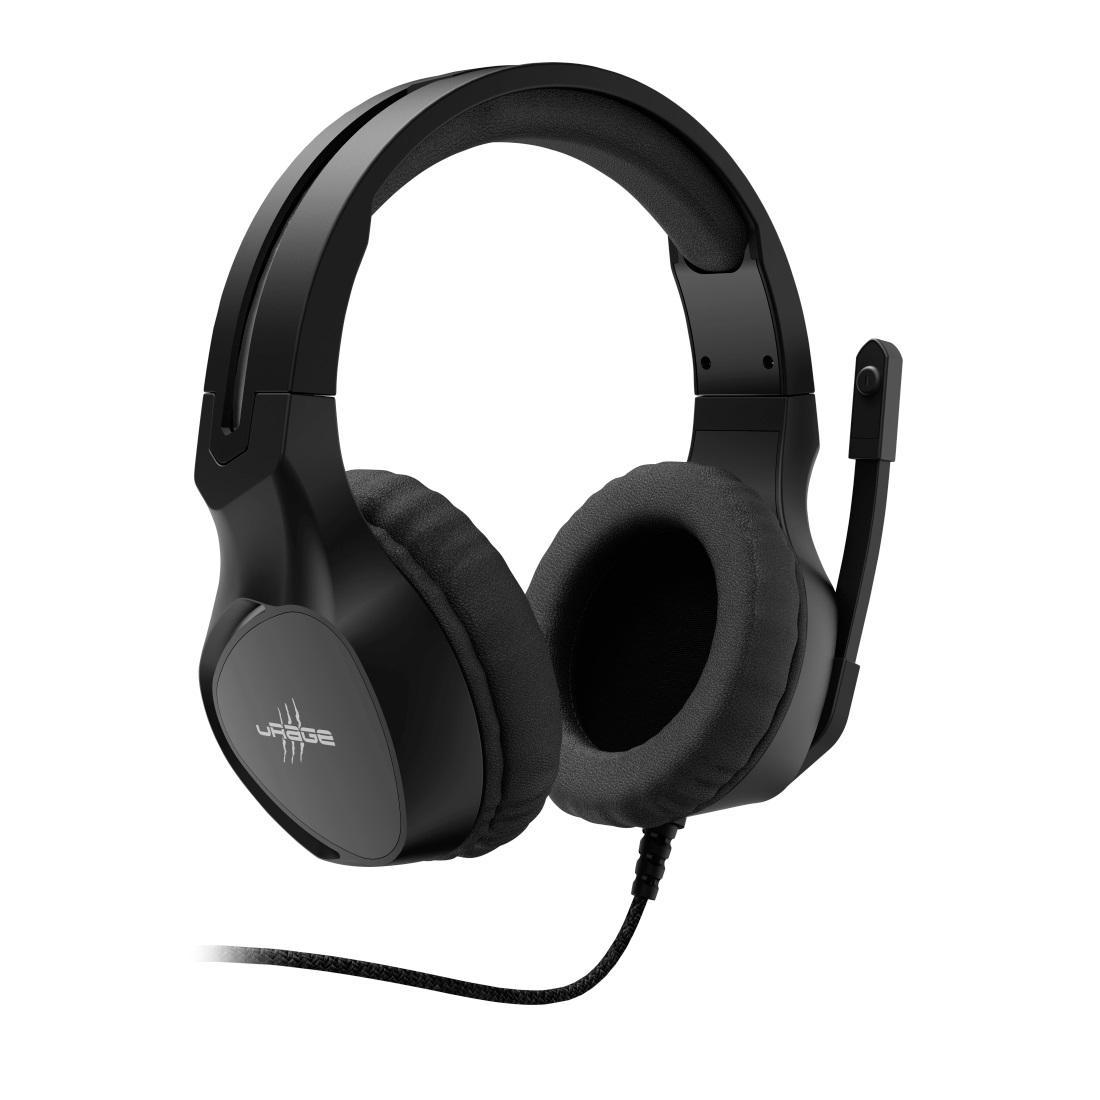 Геймърски слушалки Hama uRage Soundz 300, Микрофон, 3.5мм жак, Черен-2